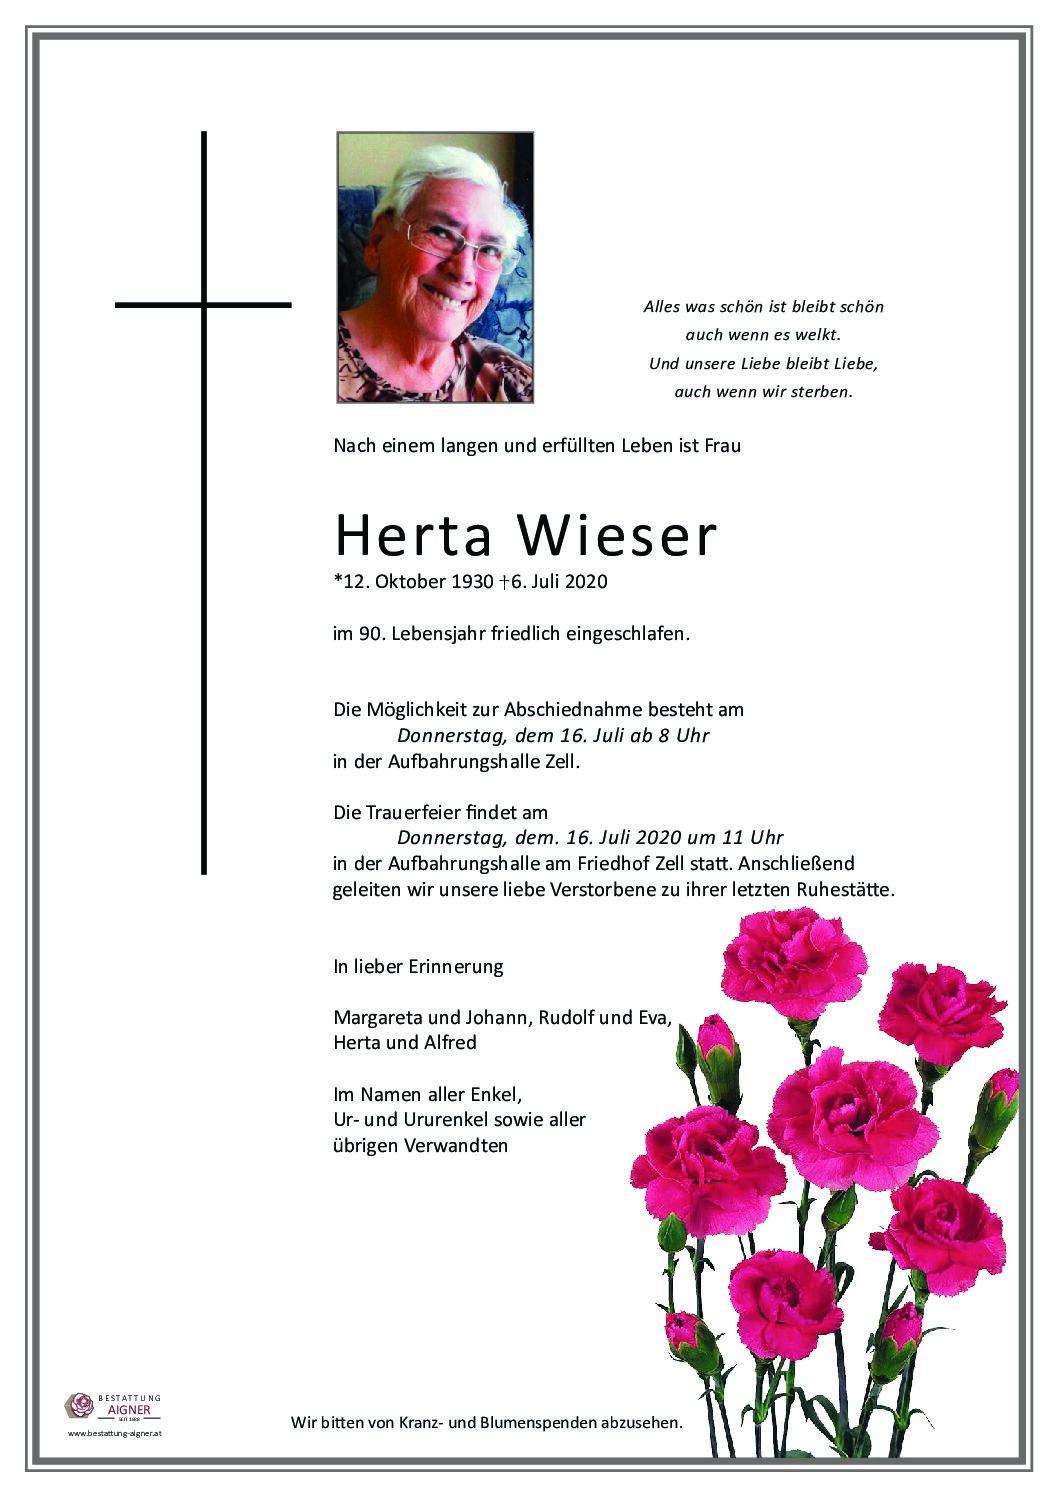 Herta Wieser